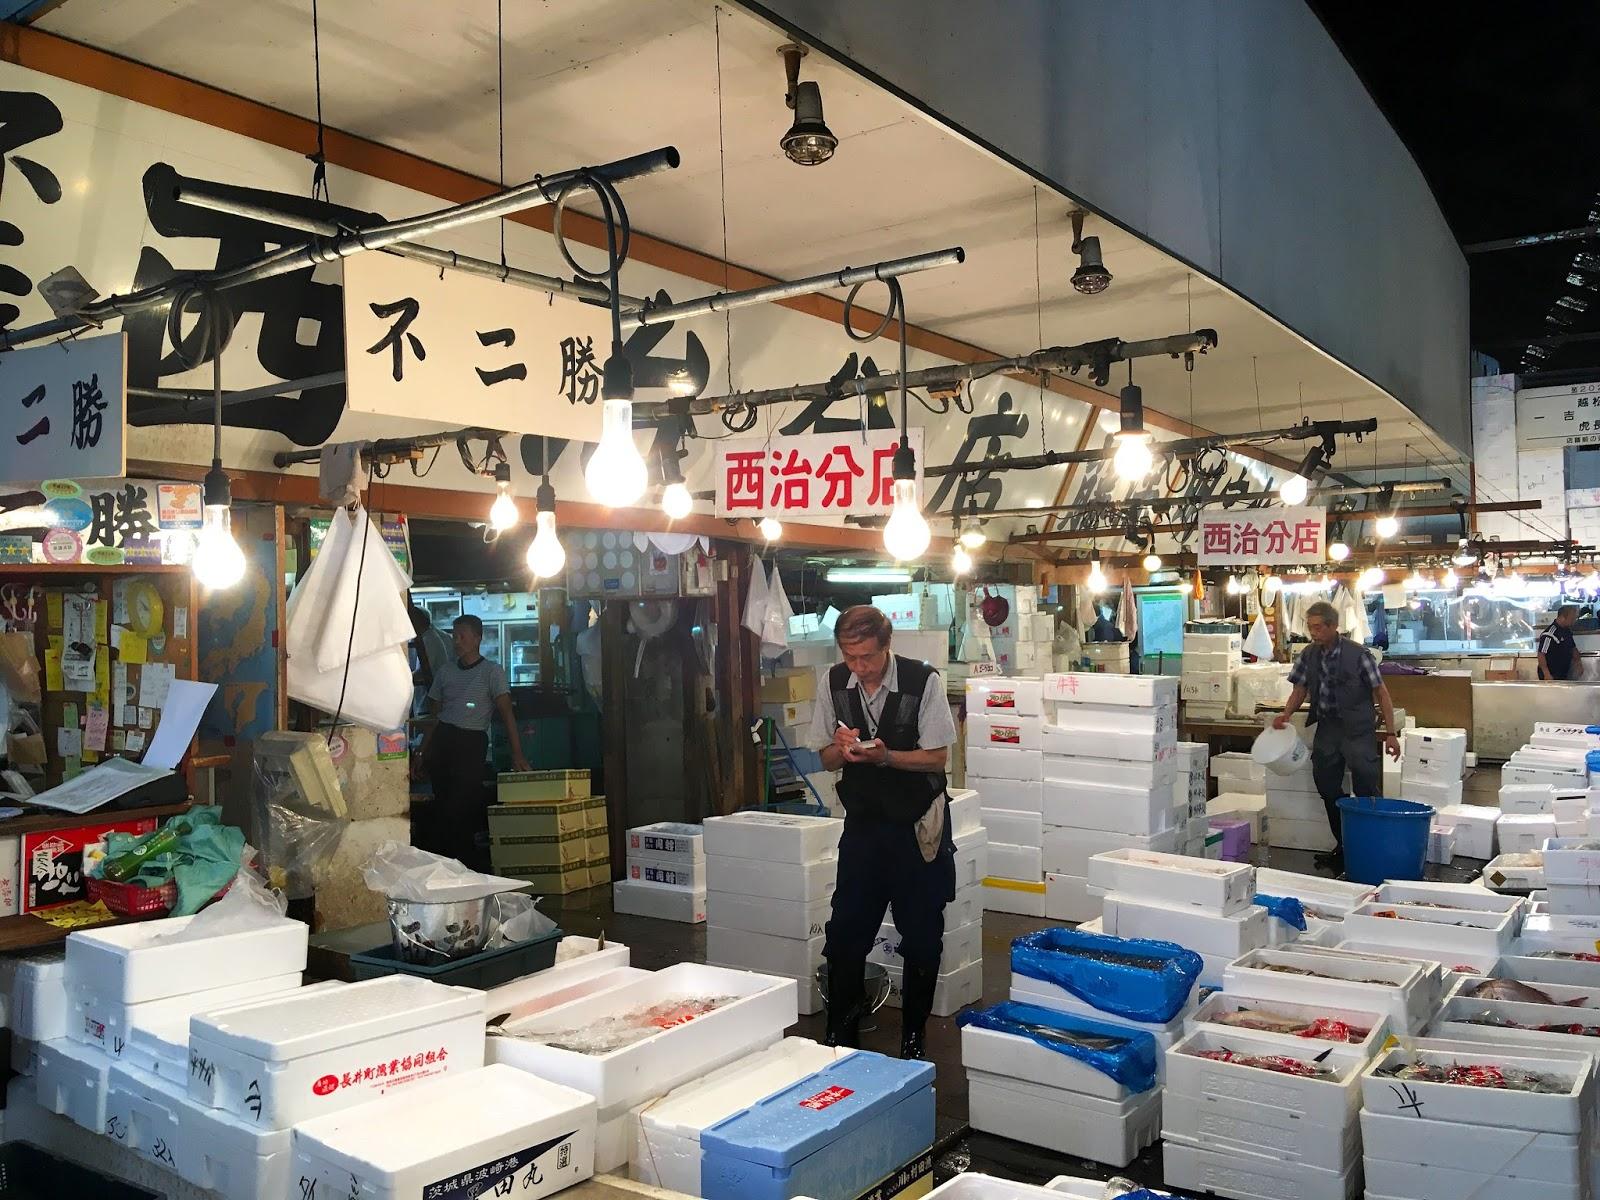 voyage travel au japon à Tokyo Tsukiji marché aux poissons pleins de jolis photographies temples et sanctuaires